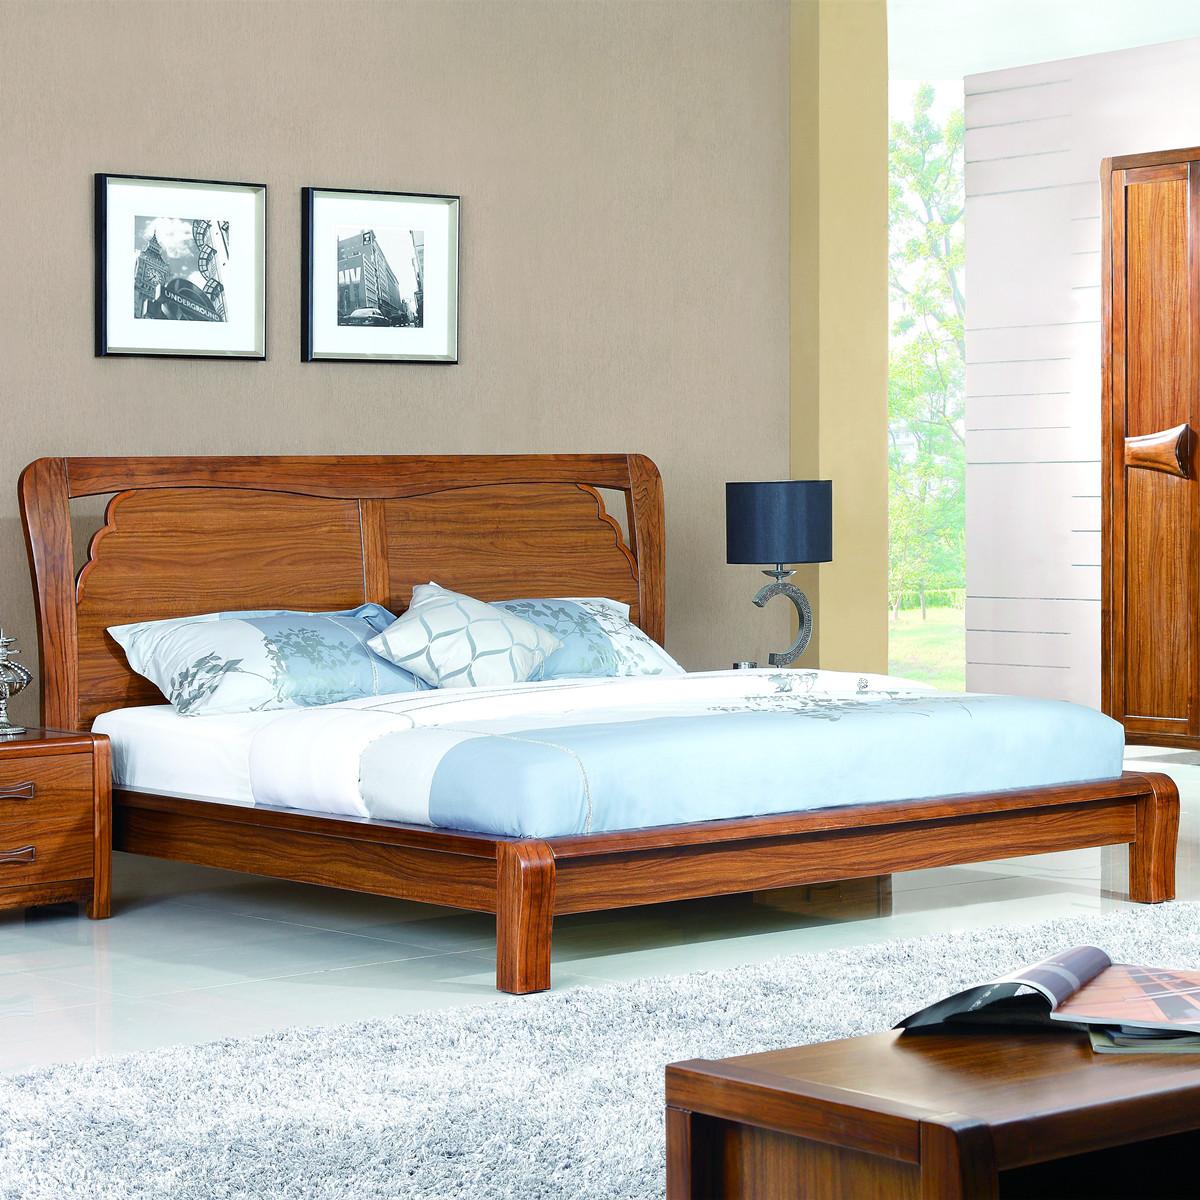 原木家具卧室_乌金木实木家具简约现代中式卧室1.8 1.5米带高箱双人床婚床大床